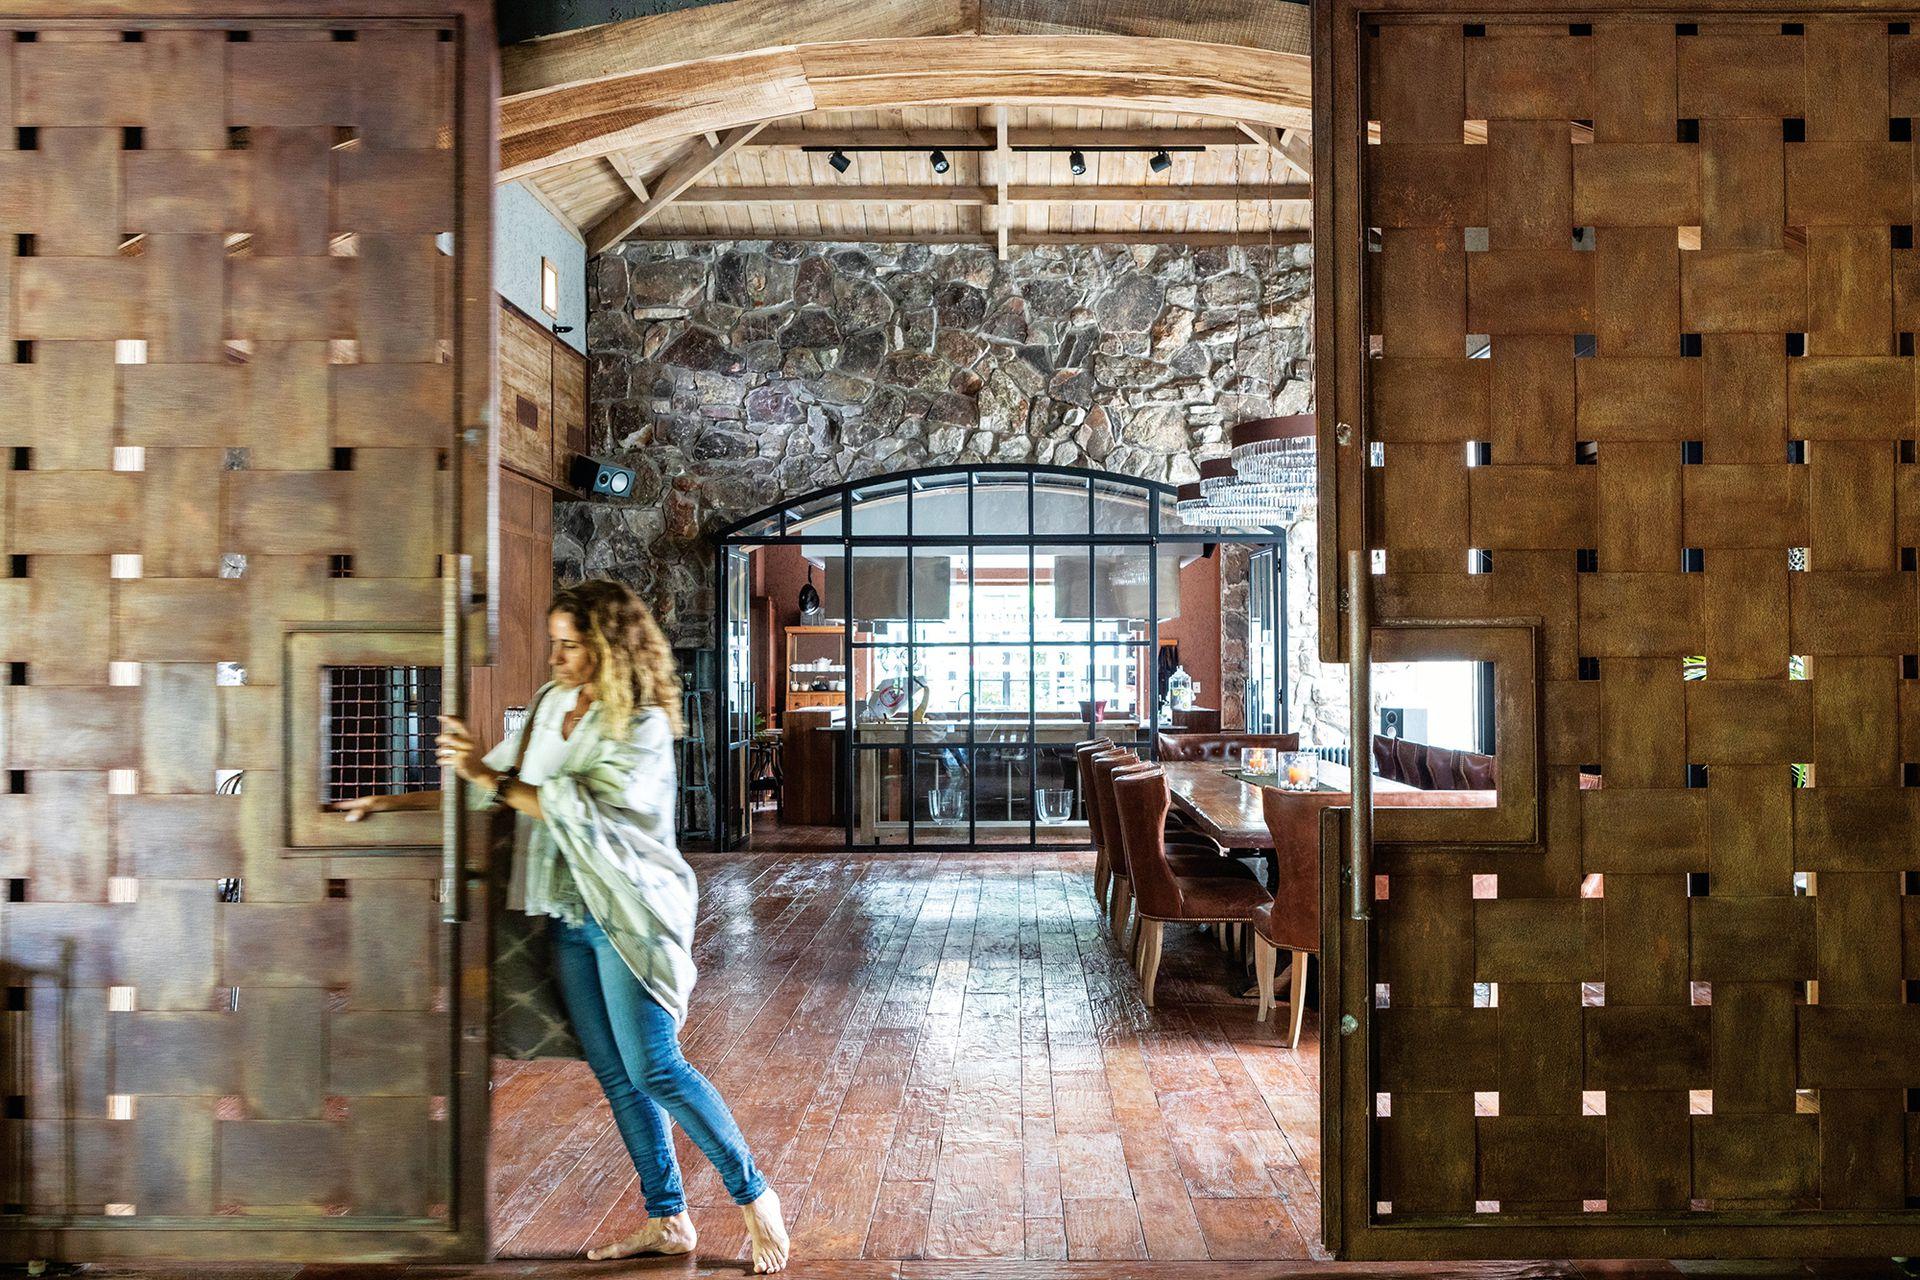 Los pisos de madera de algarrobo macizo tienen un trabajo de cepillado que les da ese aspecto de desgaste natural (Pisos Artesanales).